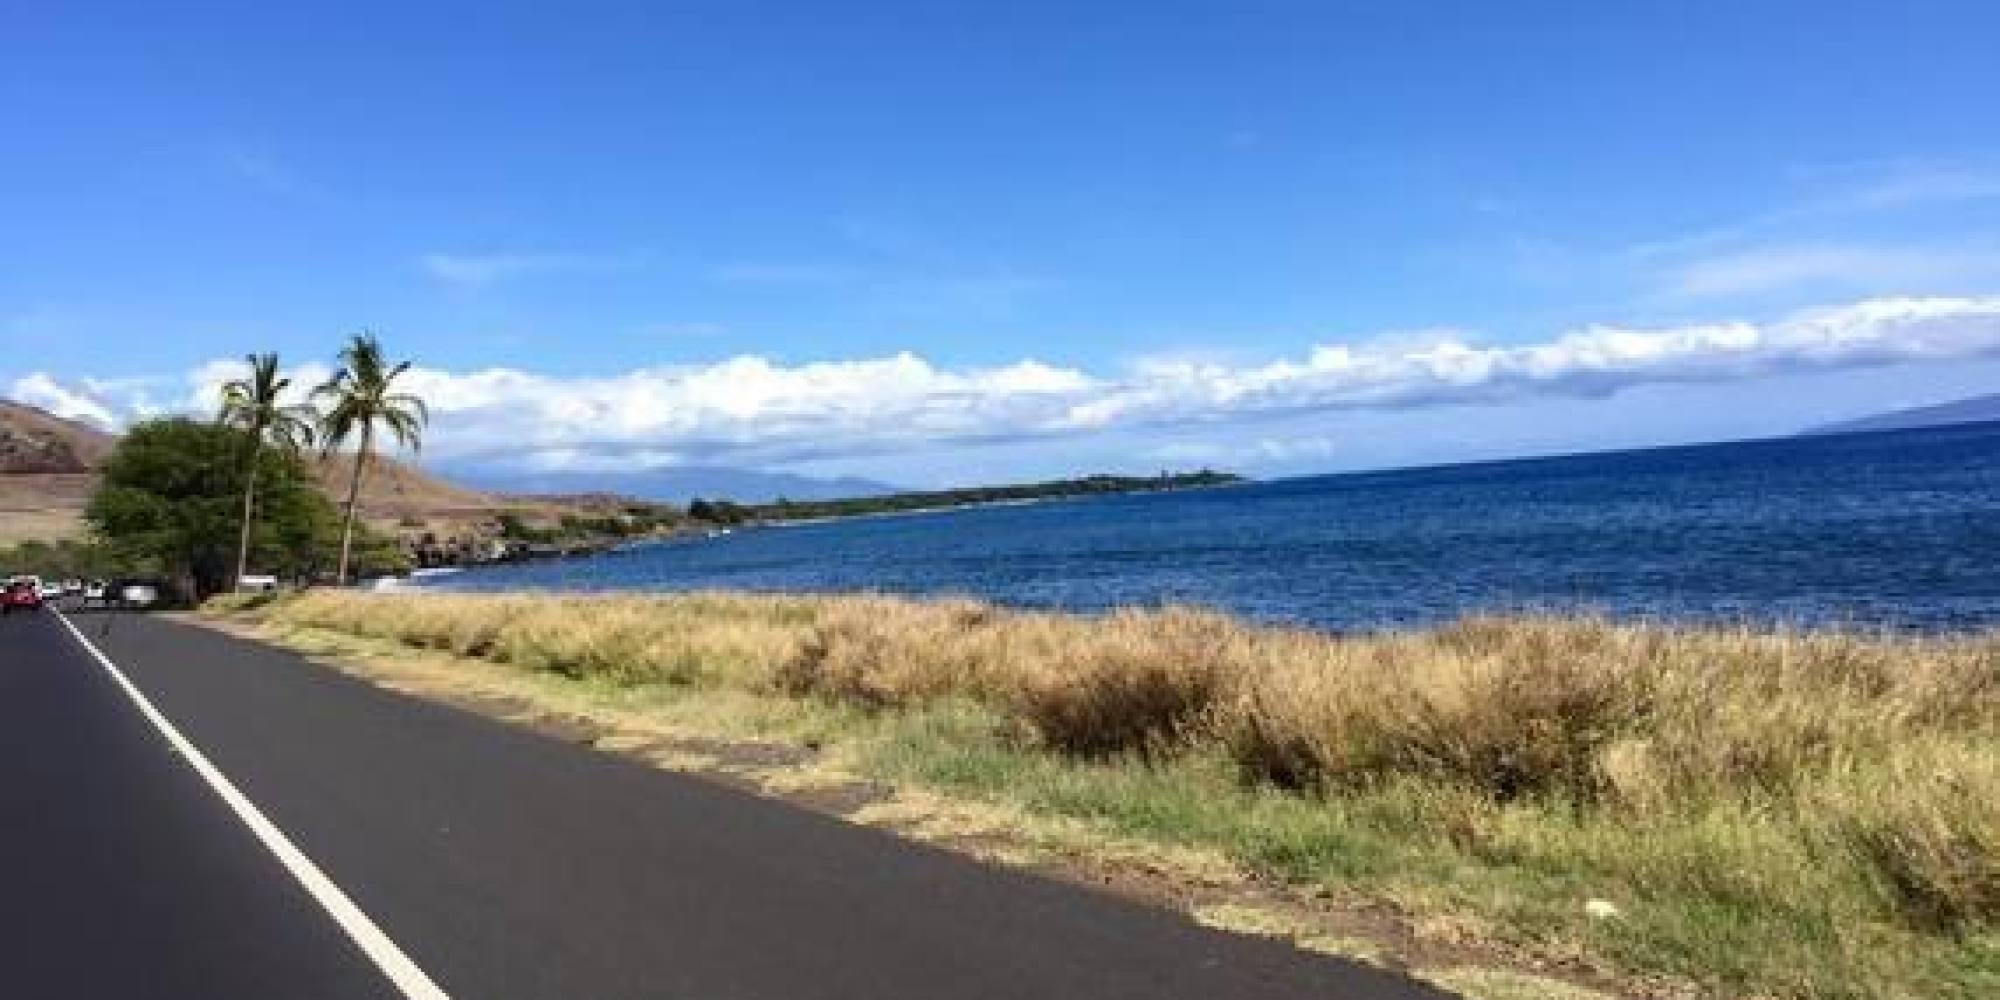 Maui Hawaii Dream Vacations Reisetips Å oppdage Maui Hawaii